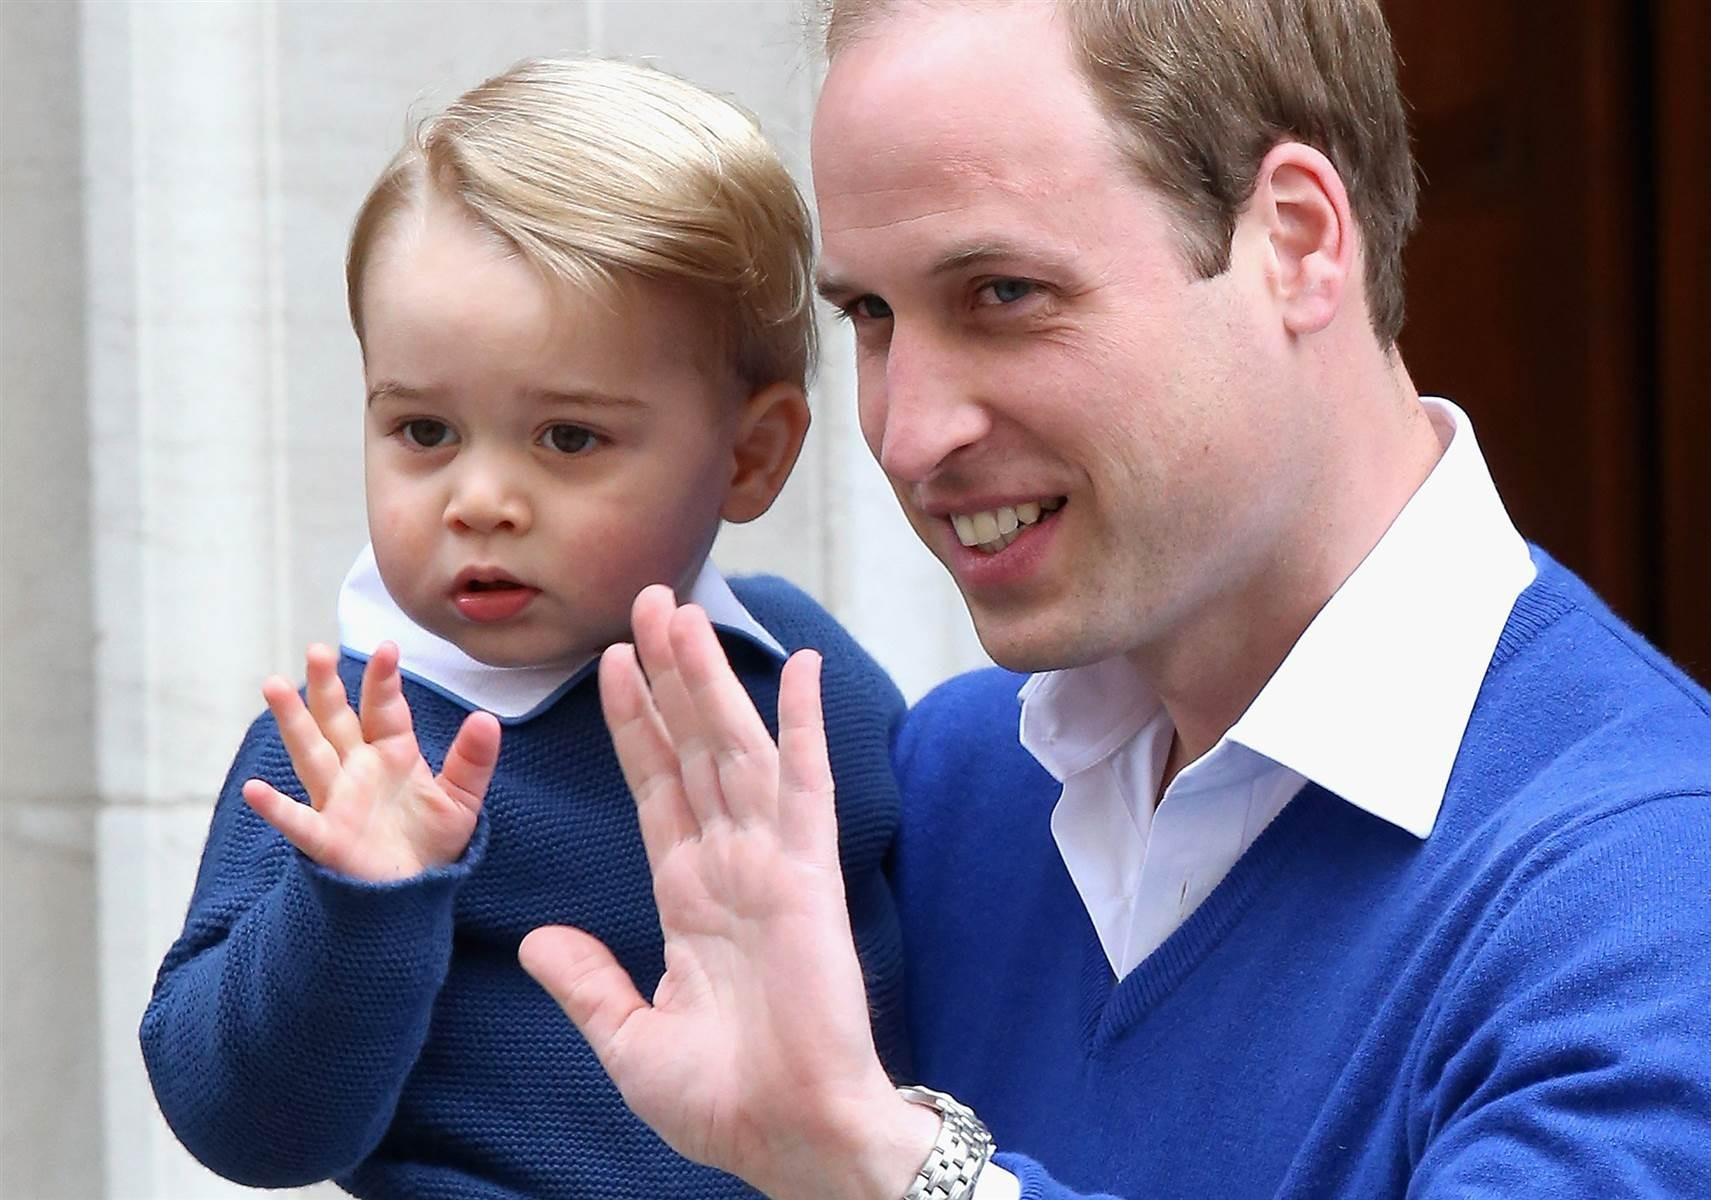 Священник призвал христиан молиться о нестандартной ориентации принца Джорджа